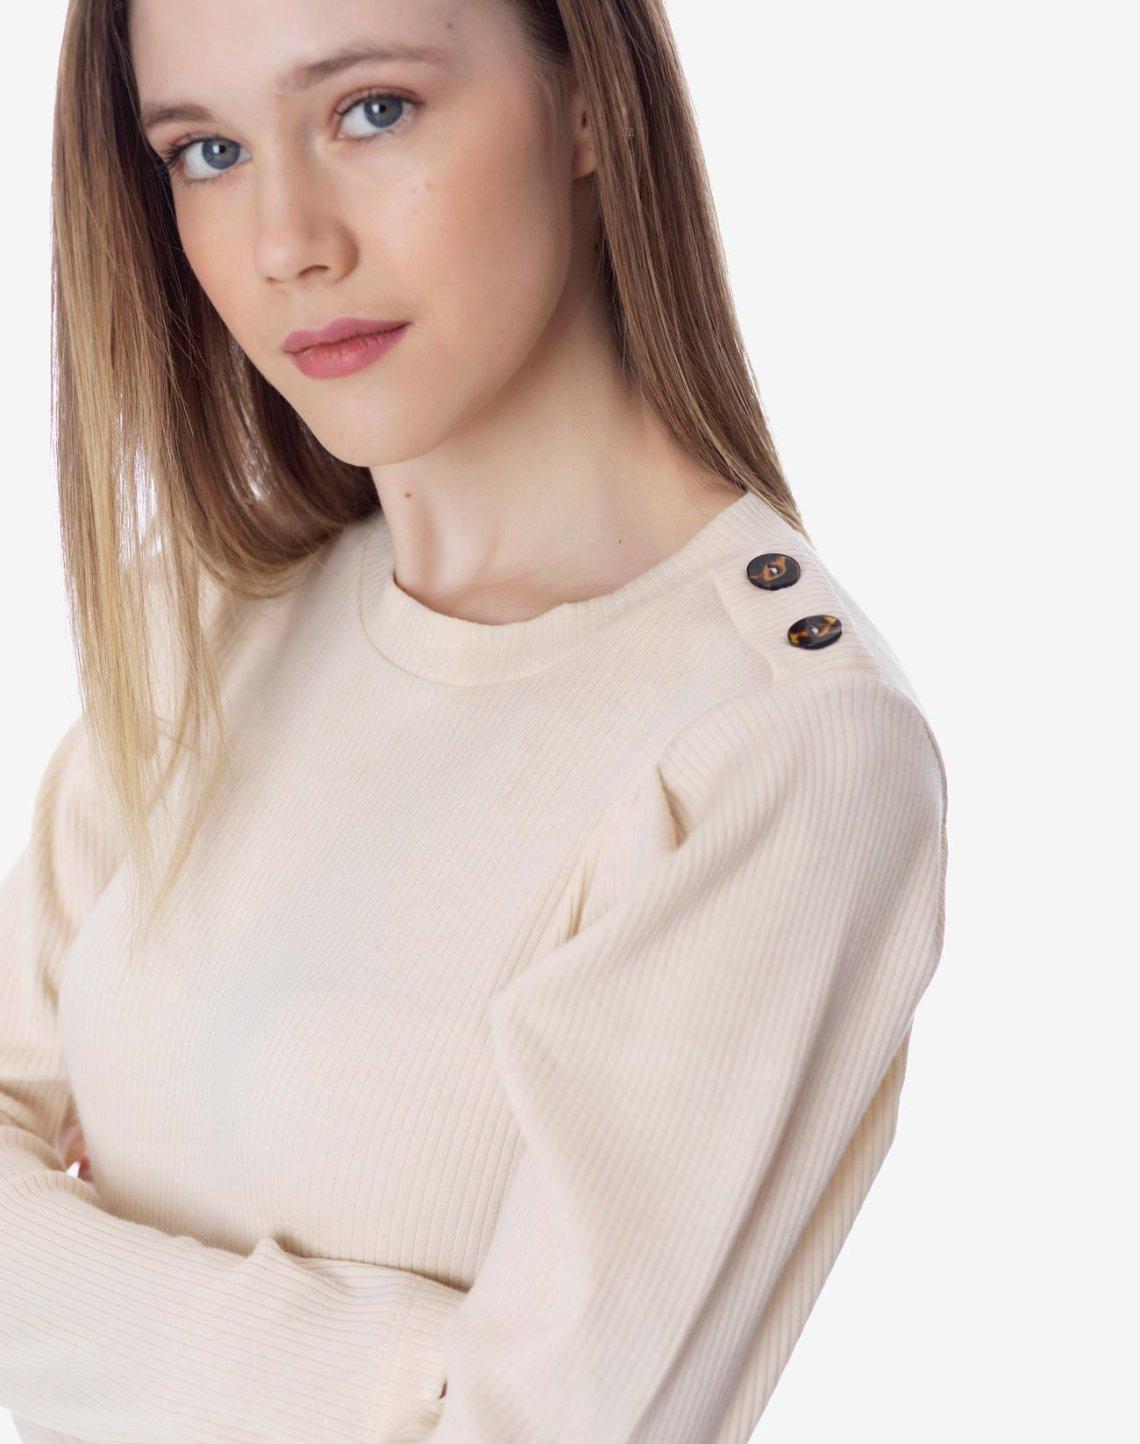 Μπλούζα peplum με κουμπιά